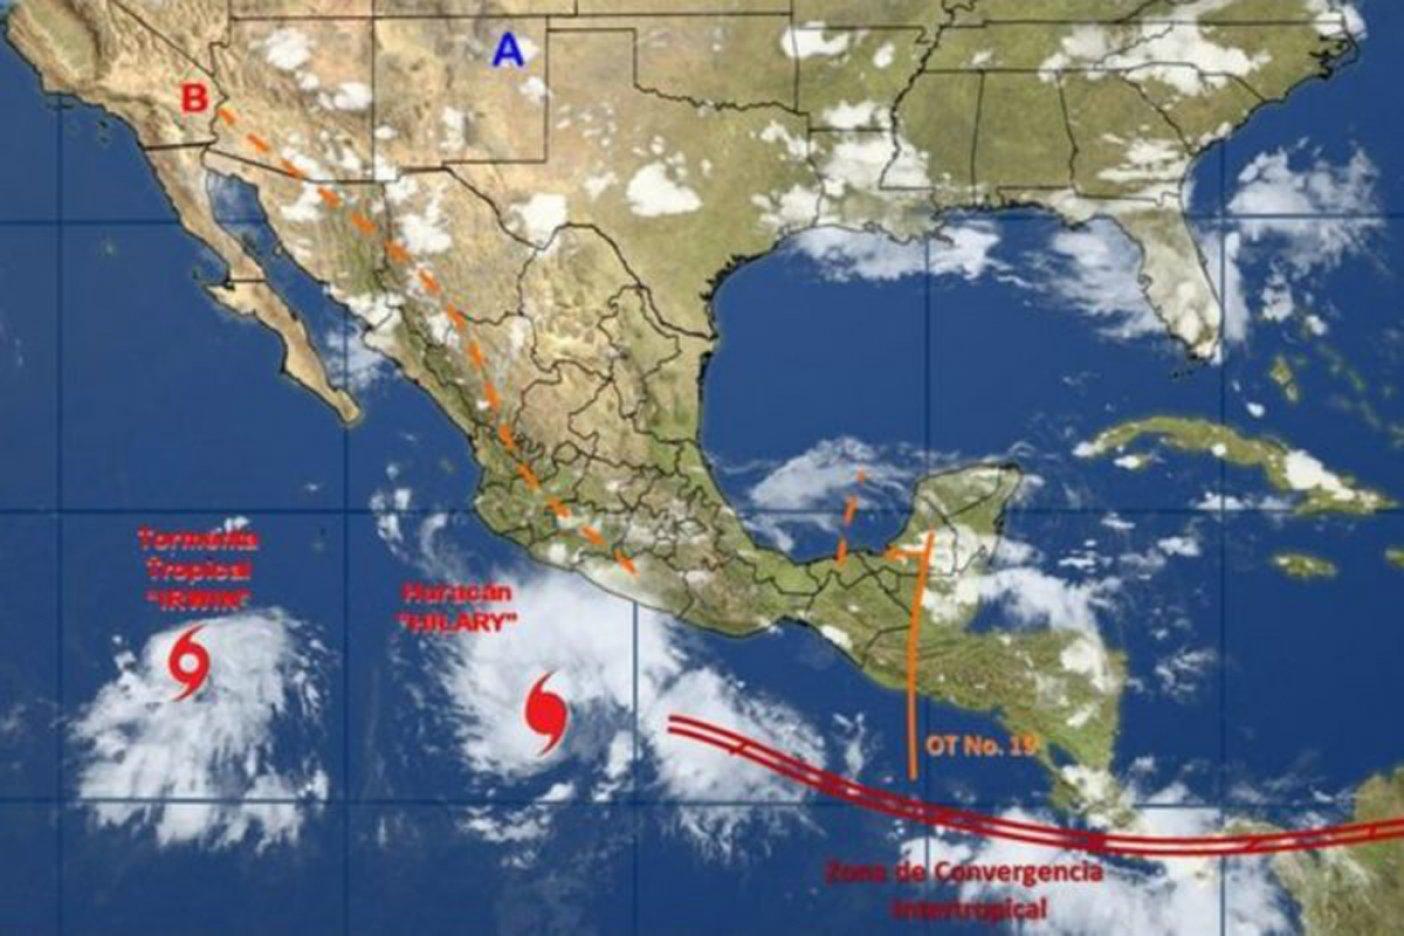 Tormentas muy fuertes y granizo en Chihuahua, alerta SMN